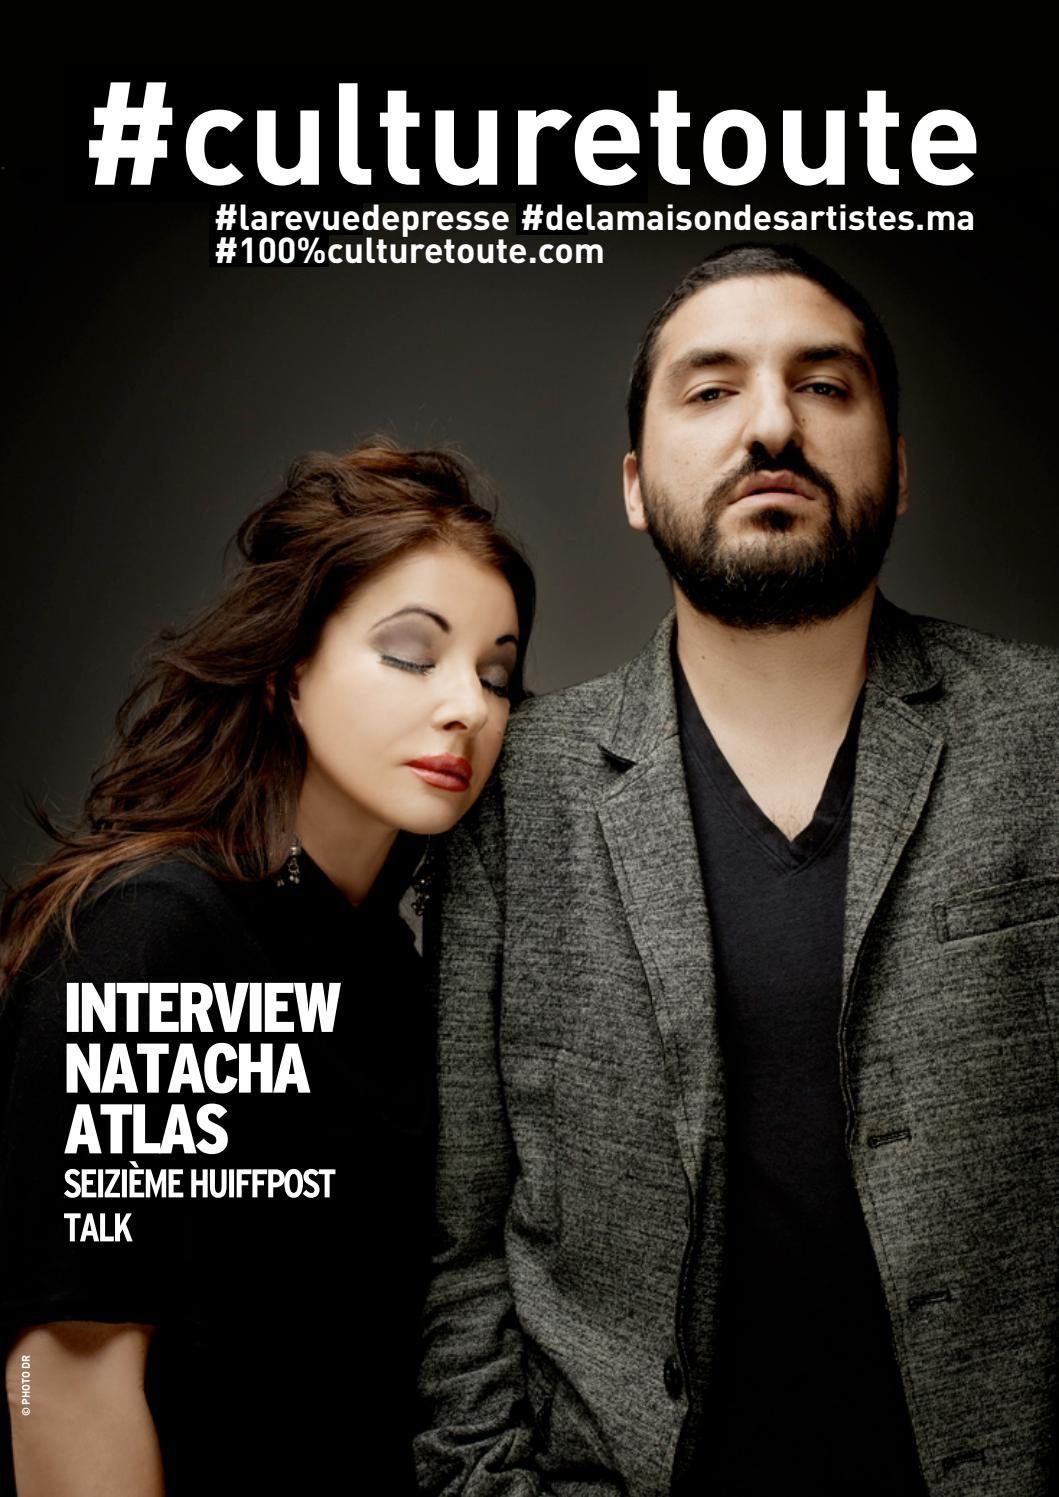 Culturetoute96  La revue de presse du Samedi 25 Juin 2016  • En couverture, Interview, Natacha Atlas, seizième HuiffPost Talk  • Le…